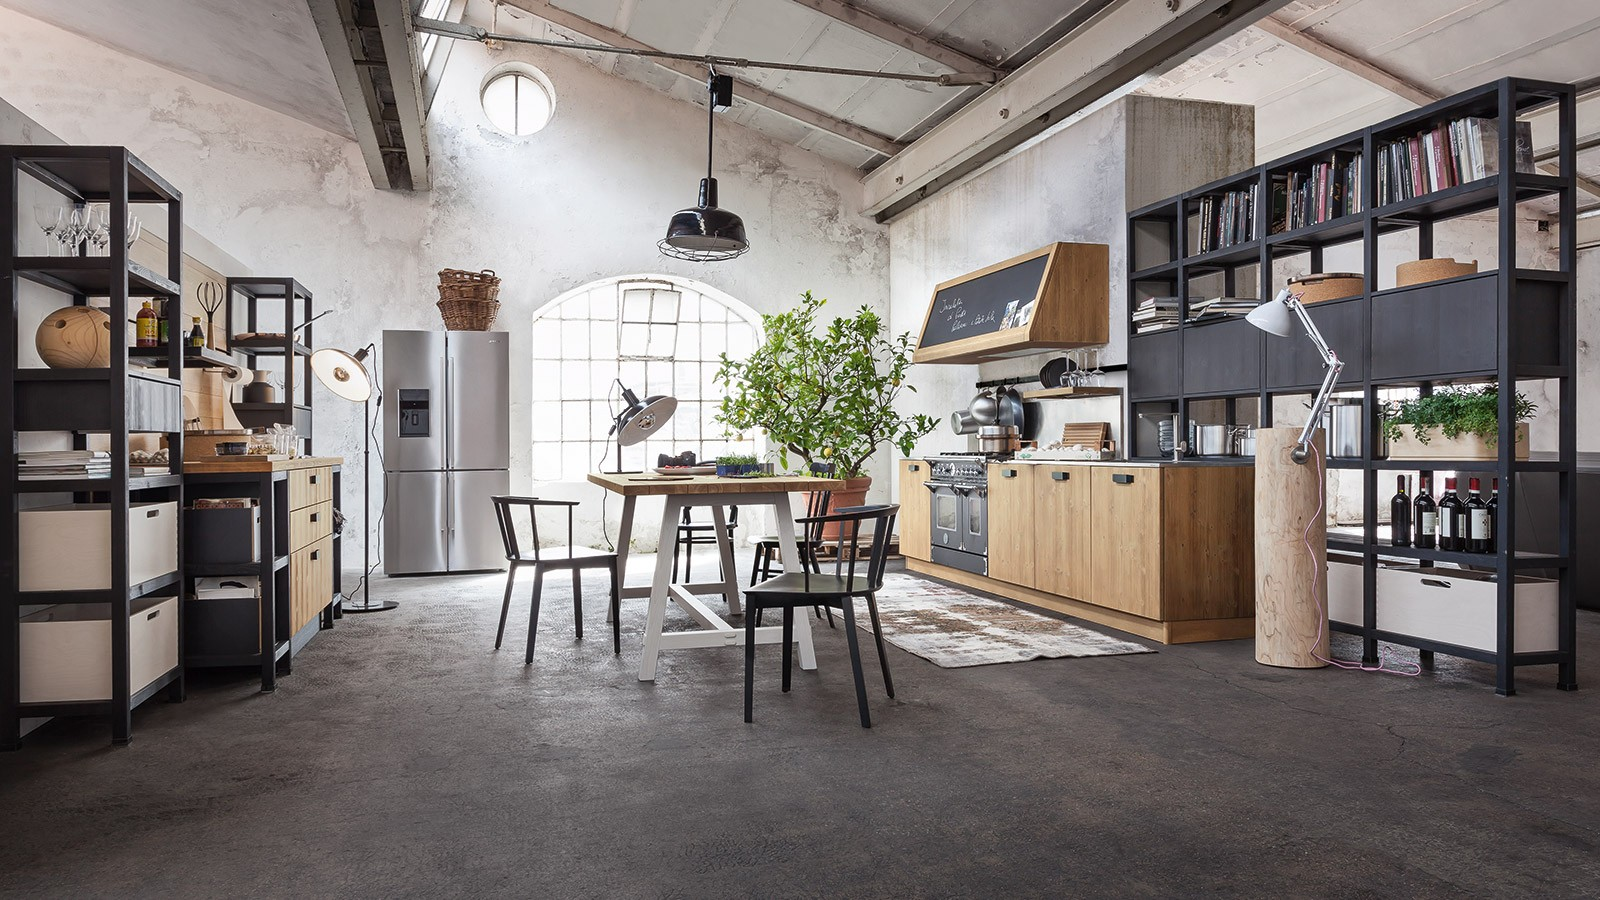 Arredamento Urban Cucina Pictures To Pin On Pinterest #7A6751 1600 900 Arredamento Cucina Piccola Nuova Costruzione